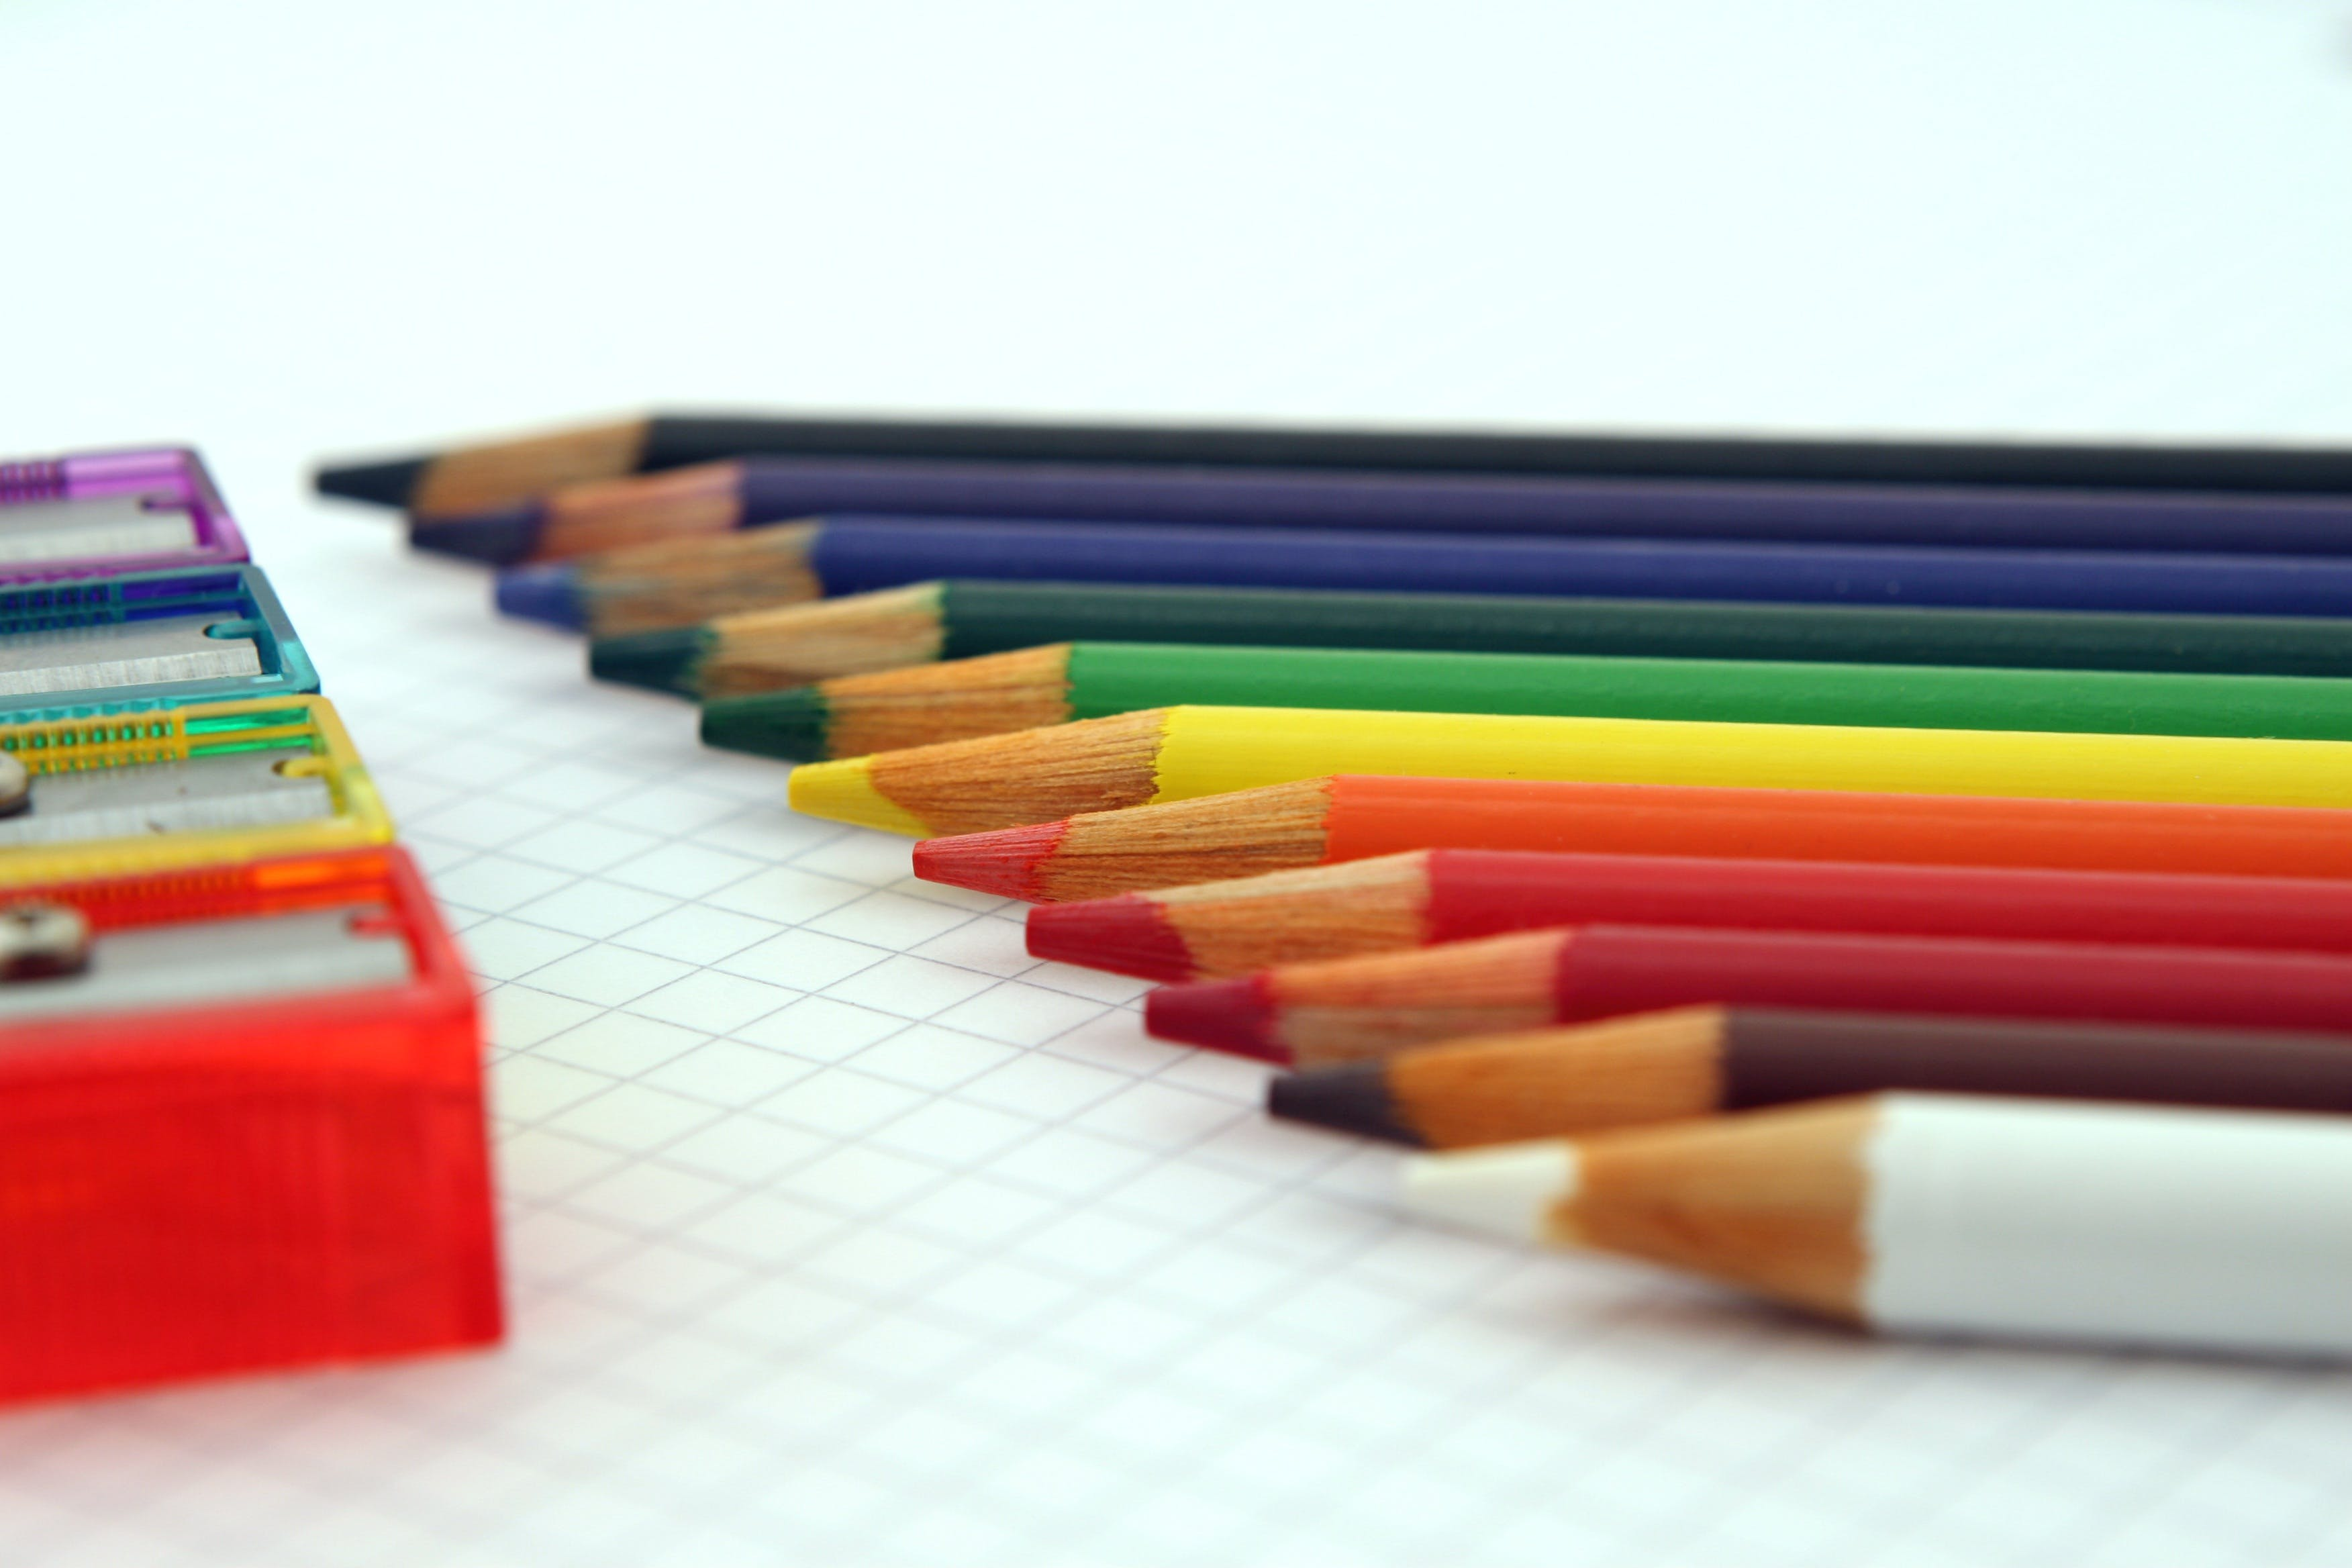 Δωρεάν στοκ φωτογραφιών με γκρο πλαν, θολούρα, μολύβια, ξύλινα μολύβια